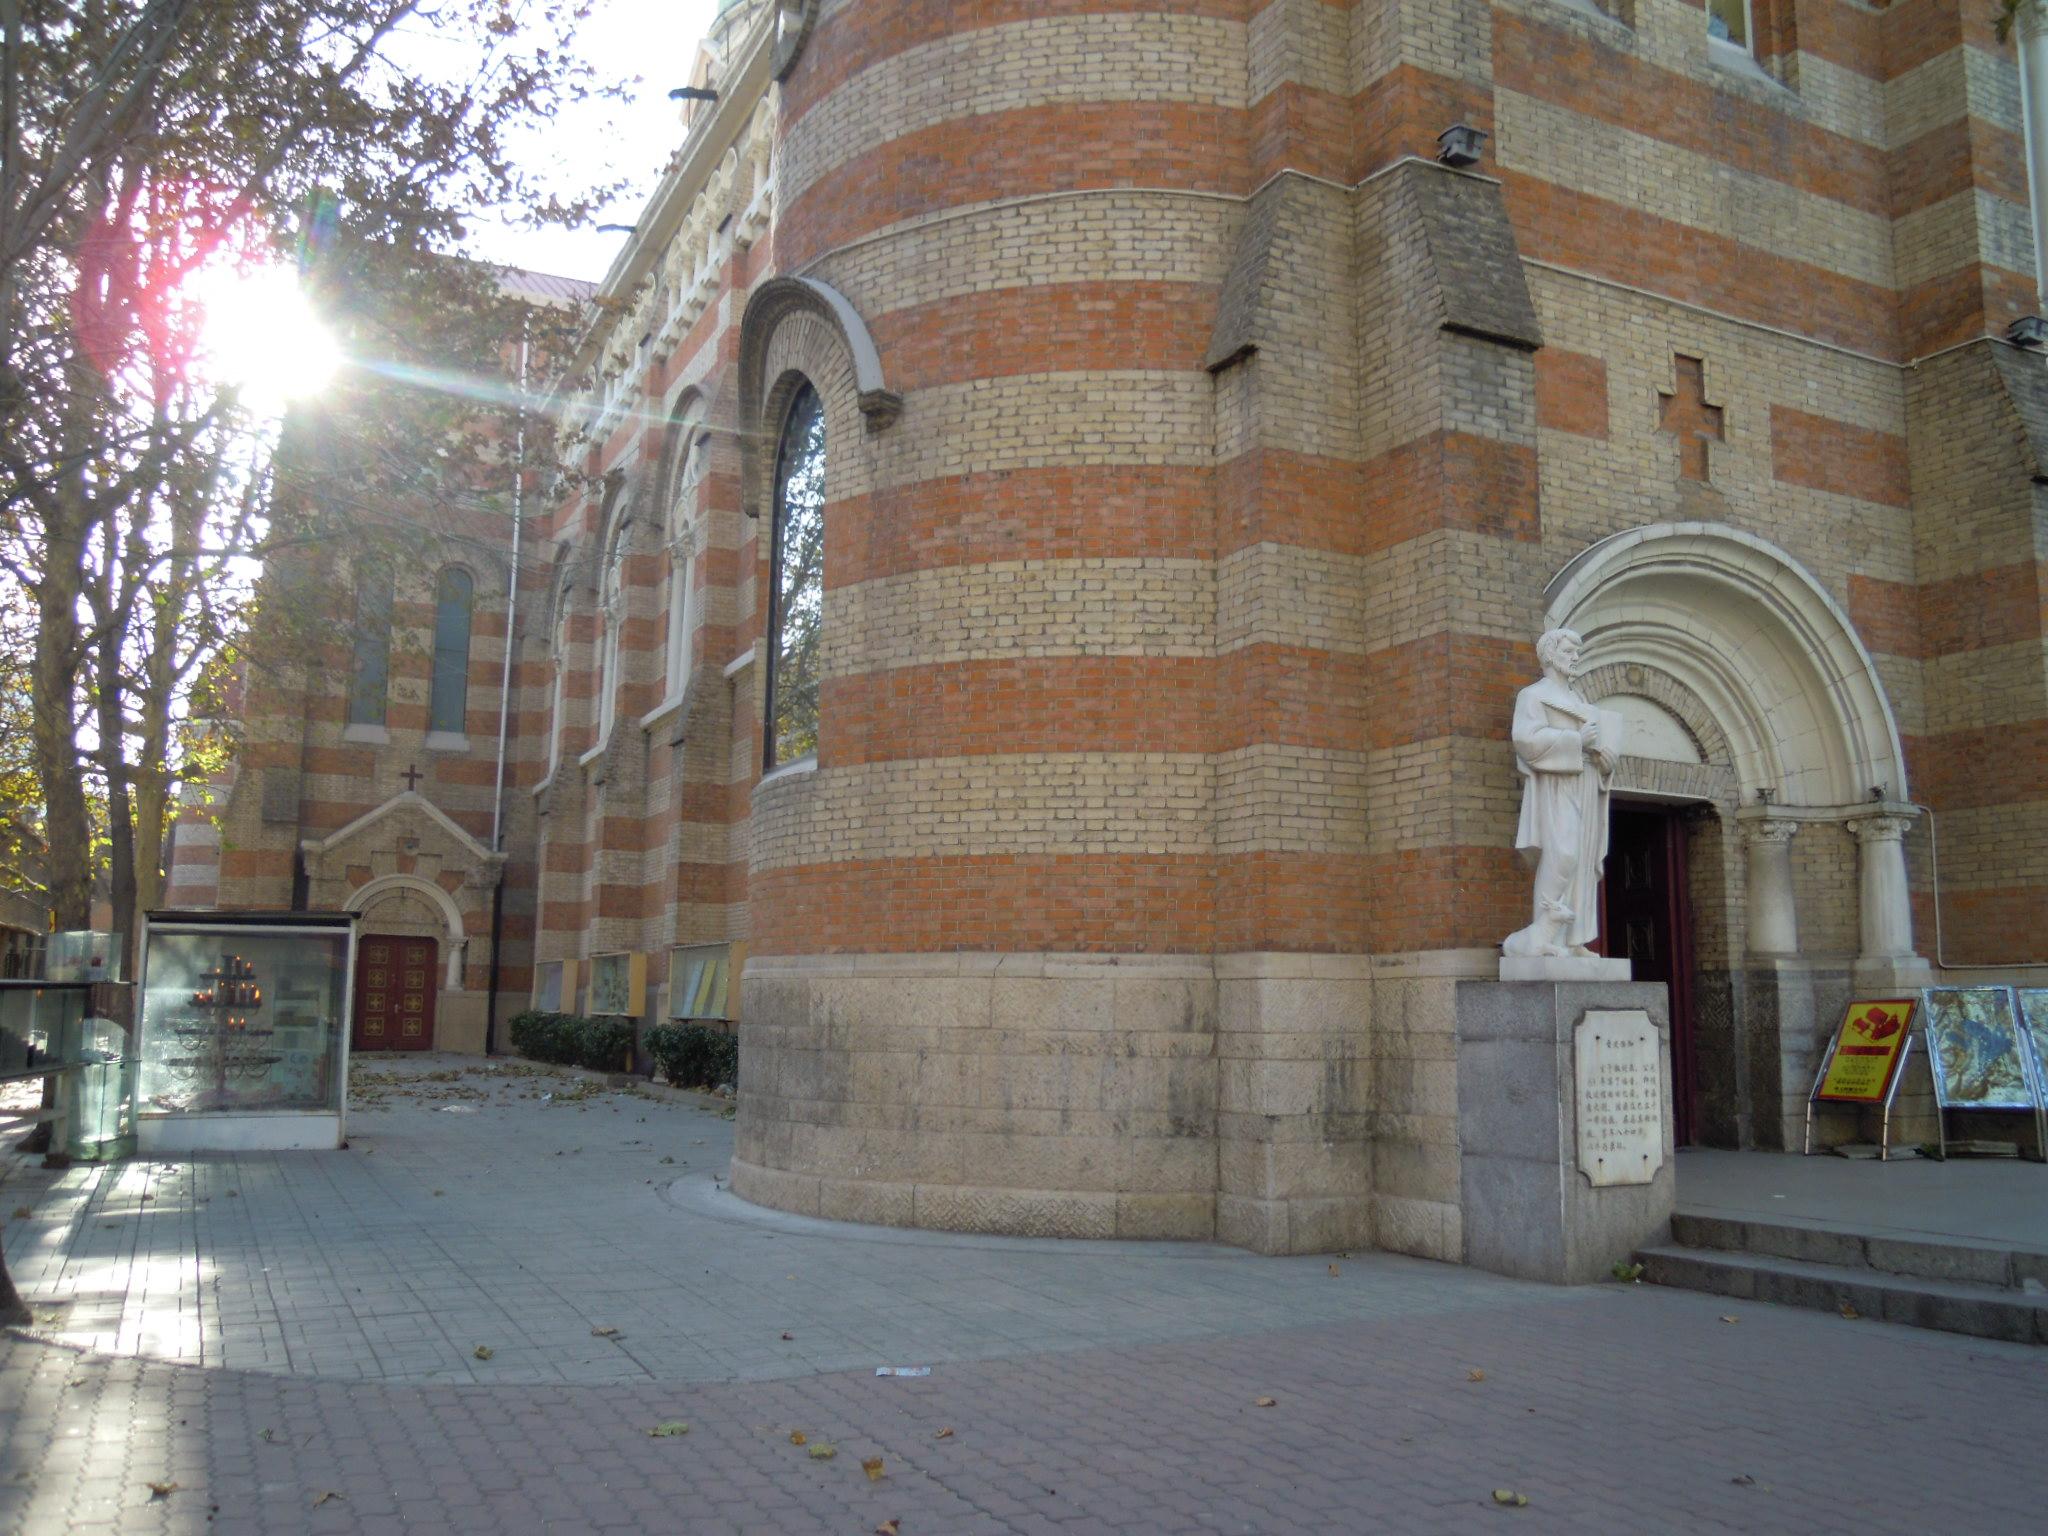 西开教堂位于繁华的滨江道商业街的最南端,始建于1917年,是天主教天津教区的主教堂。教堂建筑风格庄重大气,教堂内的雕塑也都繁复精美,另外弥撒和天主教节日的活动对外开放,可以参与其中,感受浓厚的宗教氛围。 外部参观 教堂外部用红黄相间花砖砌成,三座呈品字形排列、高耸入云的塔楼上浮盖着绿色铜片,经过岁月的冲刷,斑驳的绿色在阳光的照耀下反而闪烁出具有历史感的光彩,塔楼顶上各有一个青铜十字架。 内部建筑 走进教堂,映入眼帘的首先是湖蓝、白色、淡黄构成的内部主色调,给人一种清新的感觉,只在恰到好处的位置上雕刻着各种